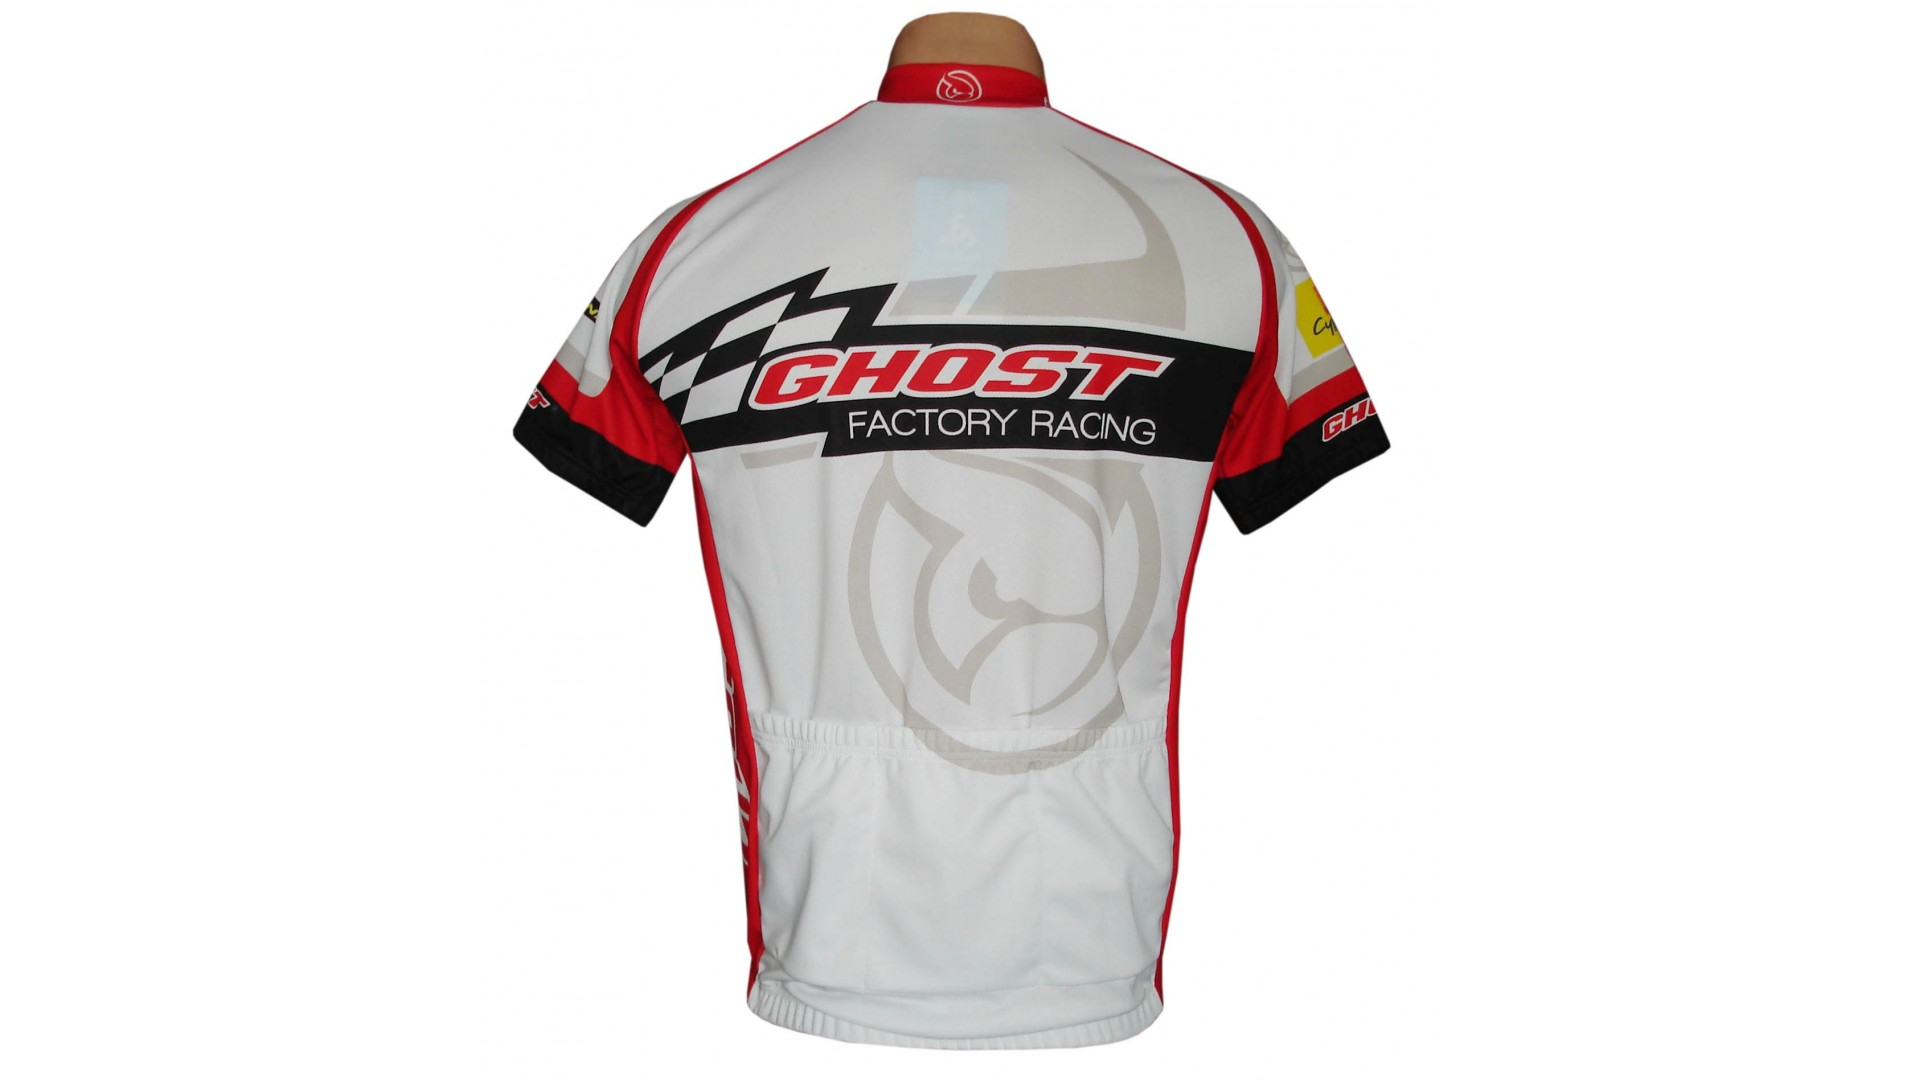 Веломайка Ghost Factory Racing мужская с коротким рукавом